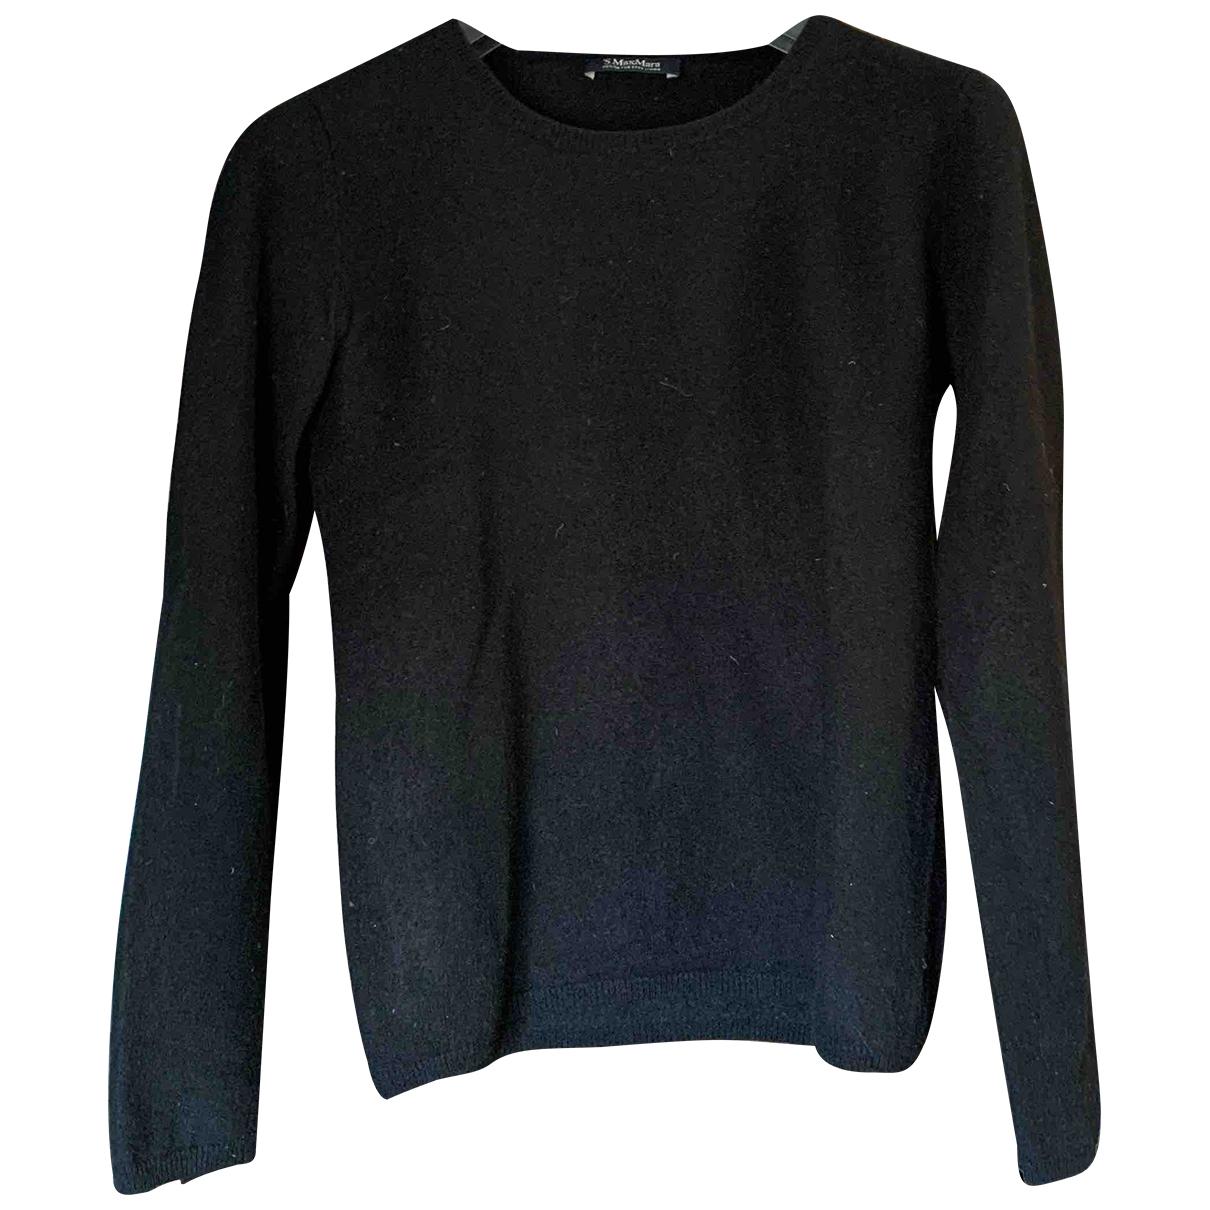 Max Mara s \N Pullover in  Schwarz Wolle